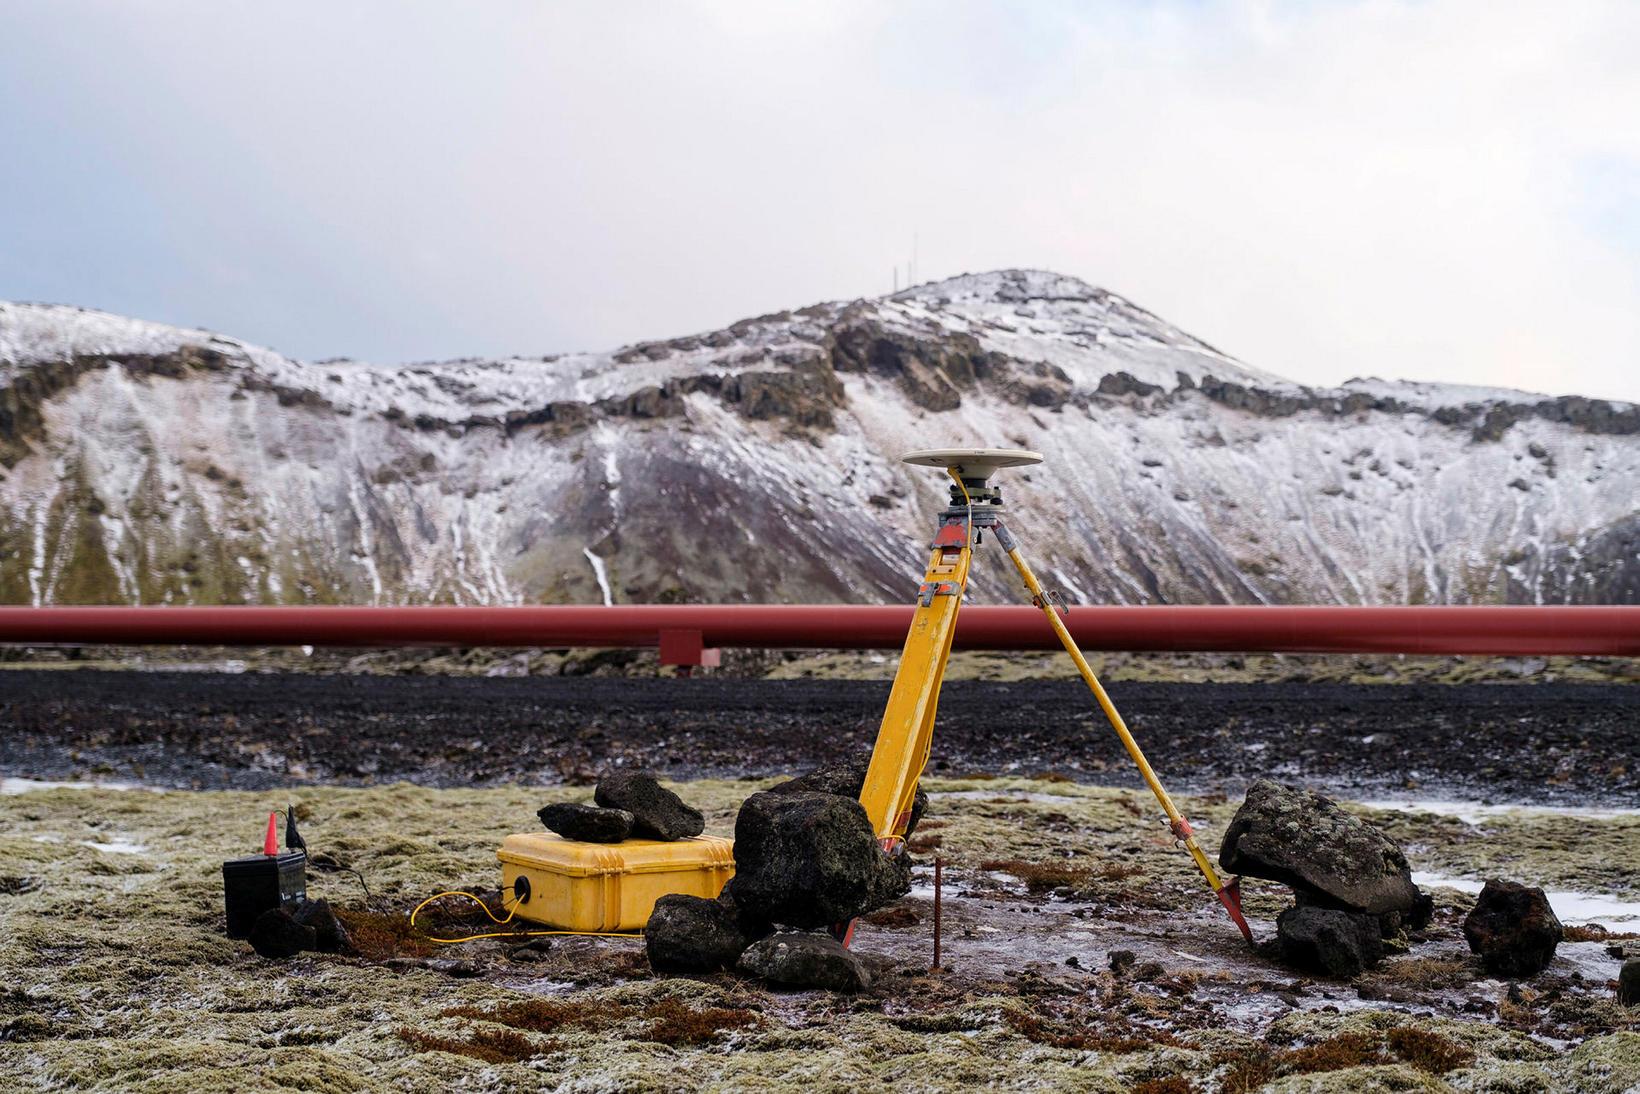 Mælar frá Veðurstofu Íslands í námunda við Þorbjörn.